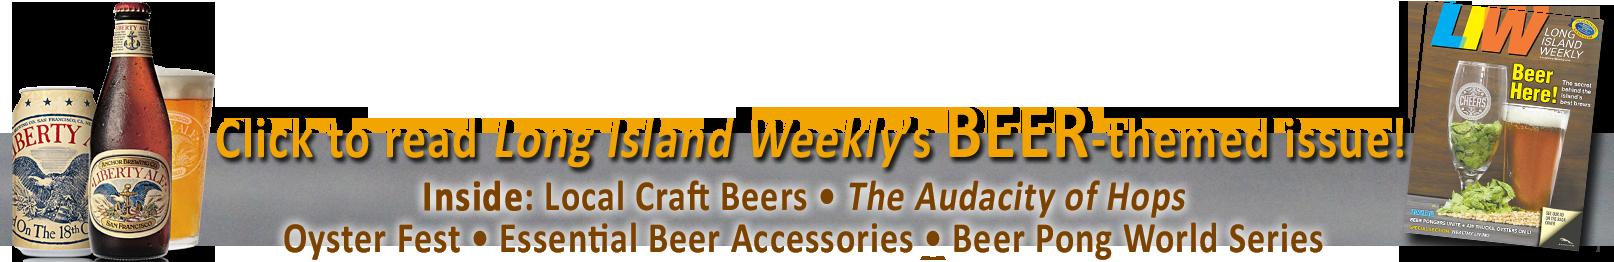 BeerBanner2